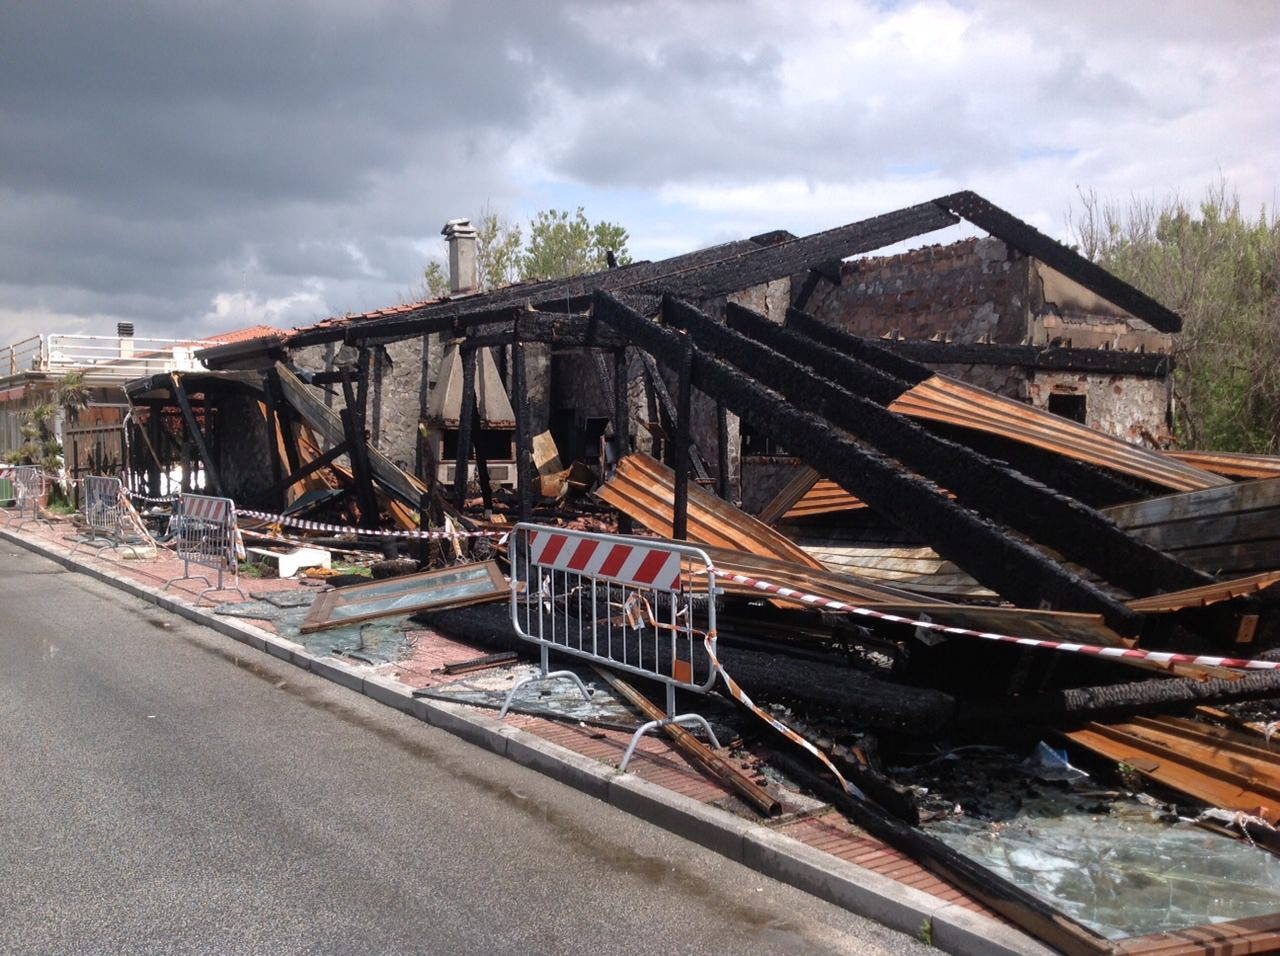 Resti del ristorante Lampara, distrutto da un incendio